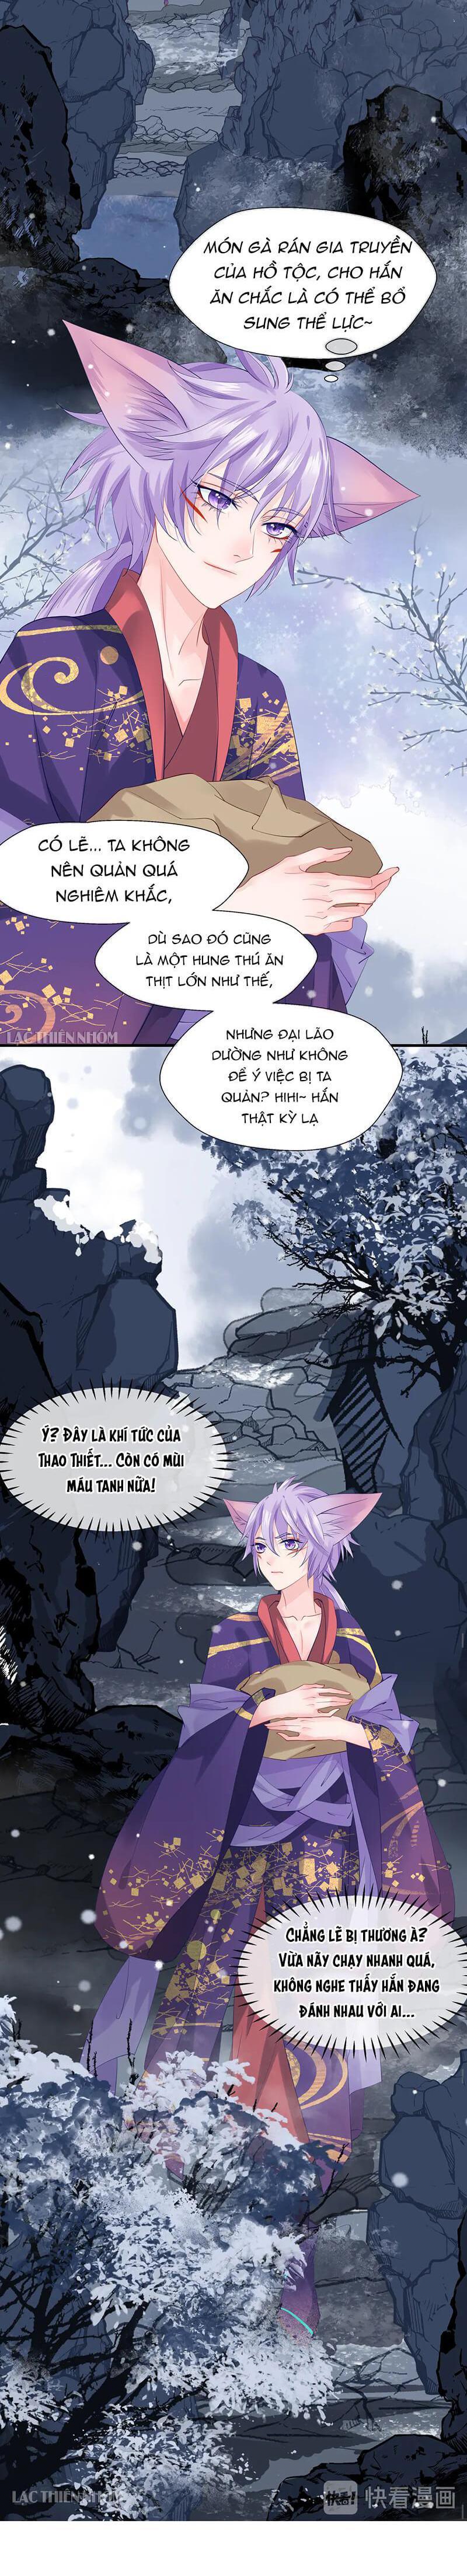 Ma Tôn Muốn Ôm Ôm: Chapter 59